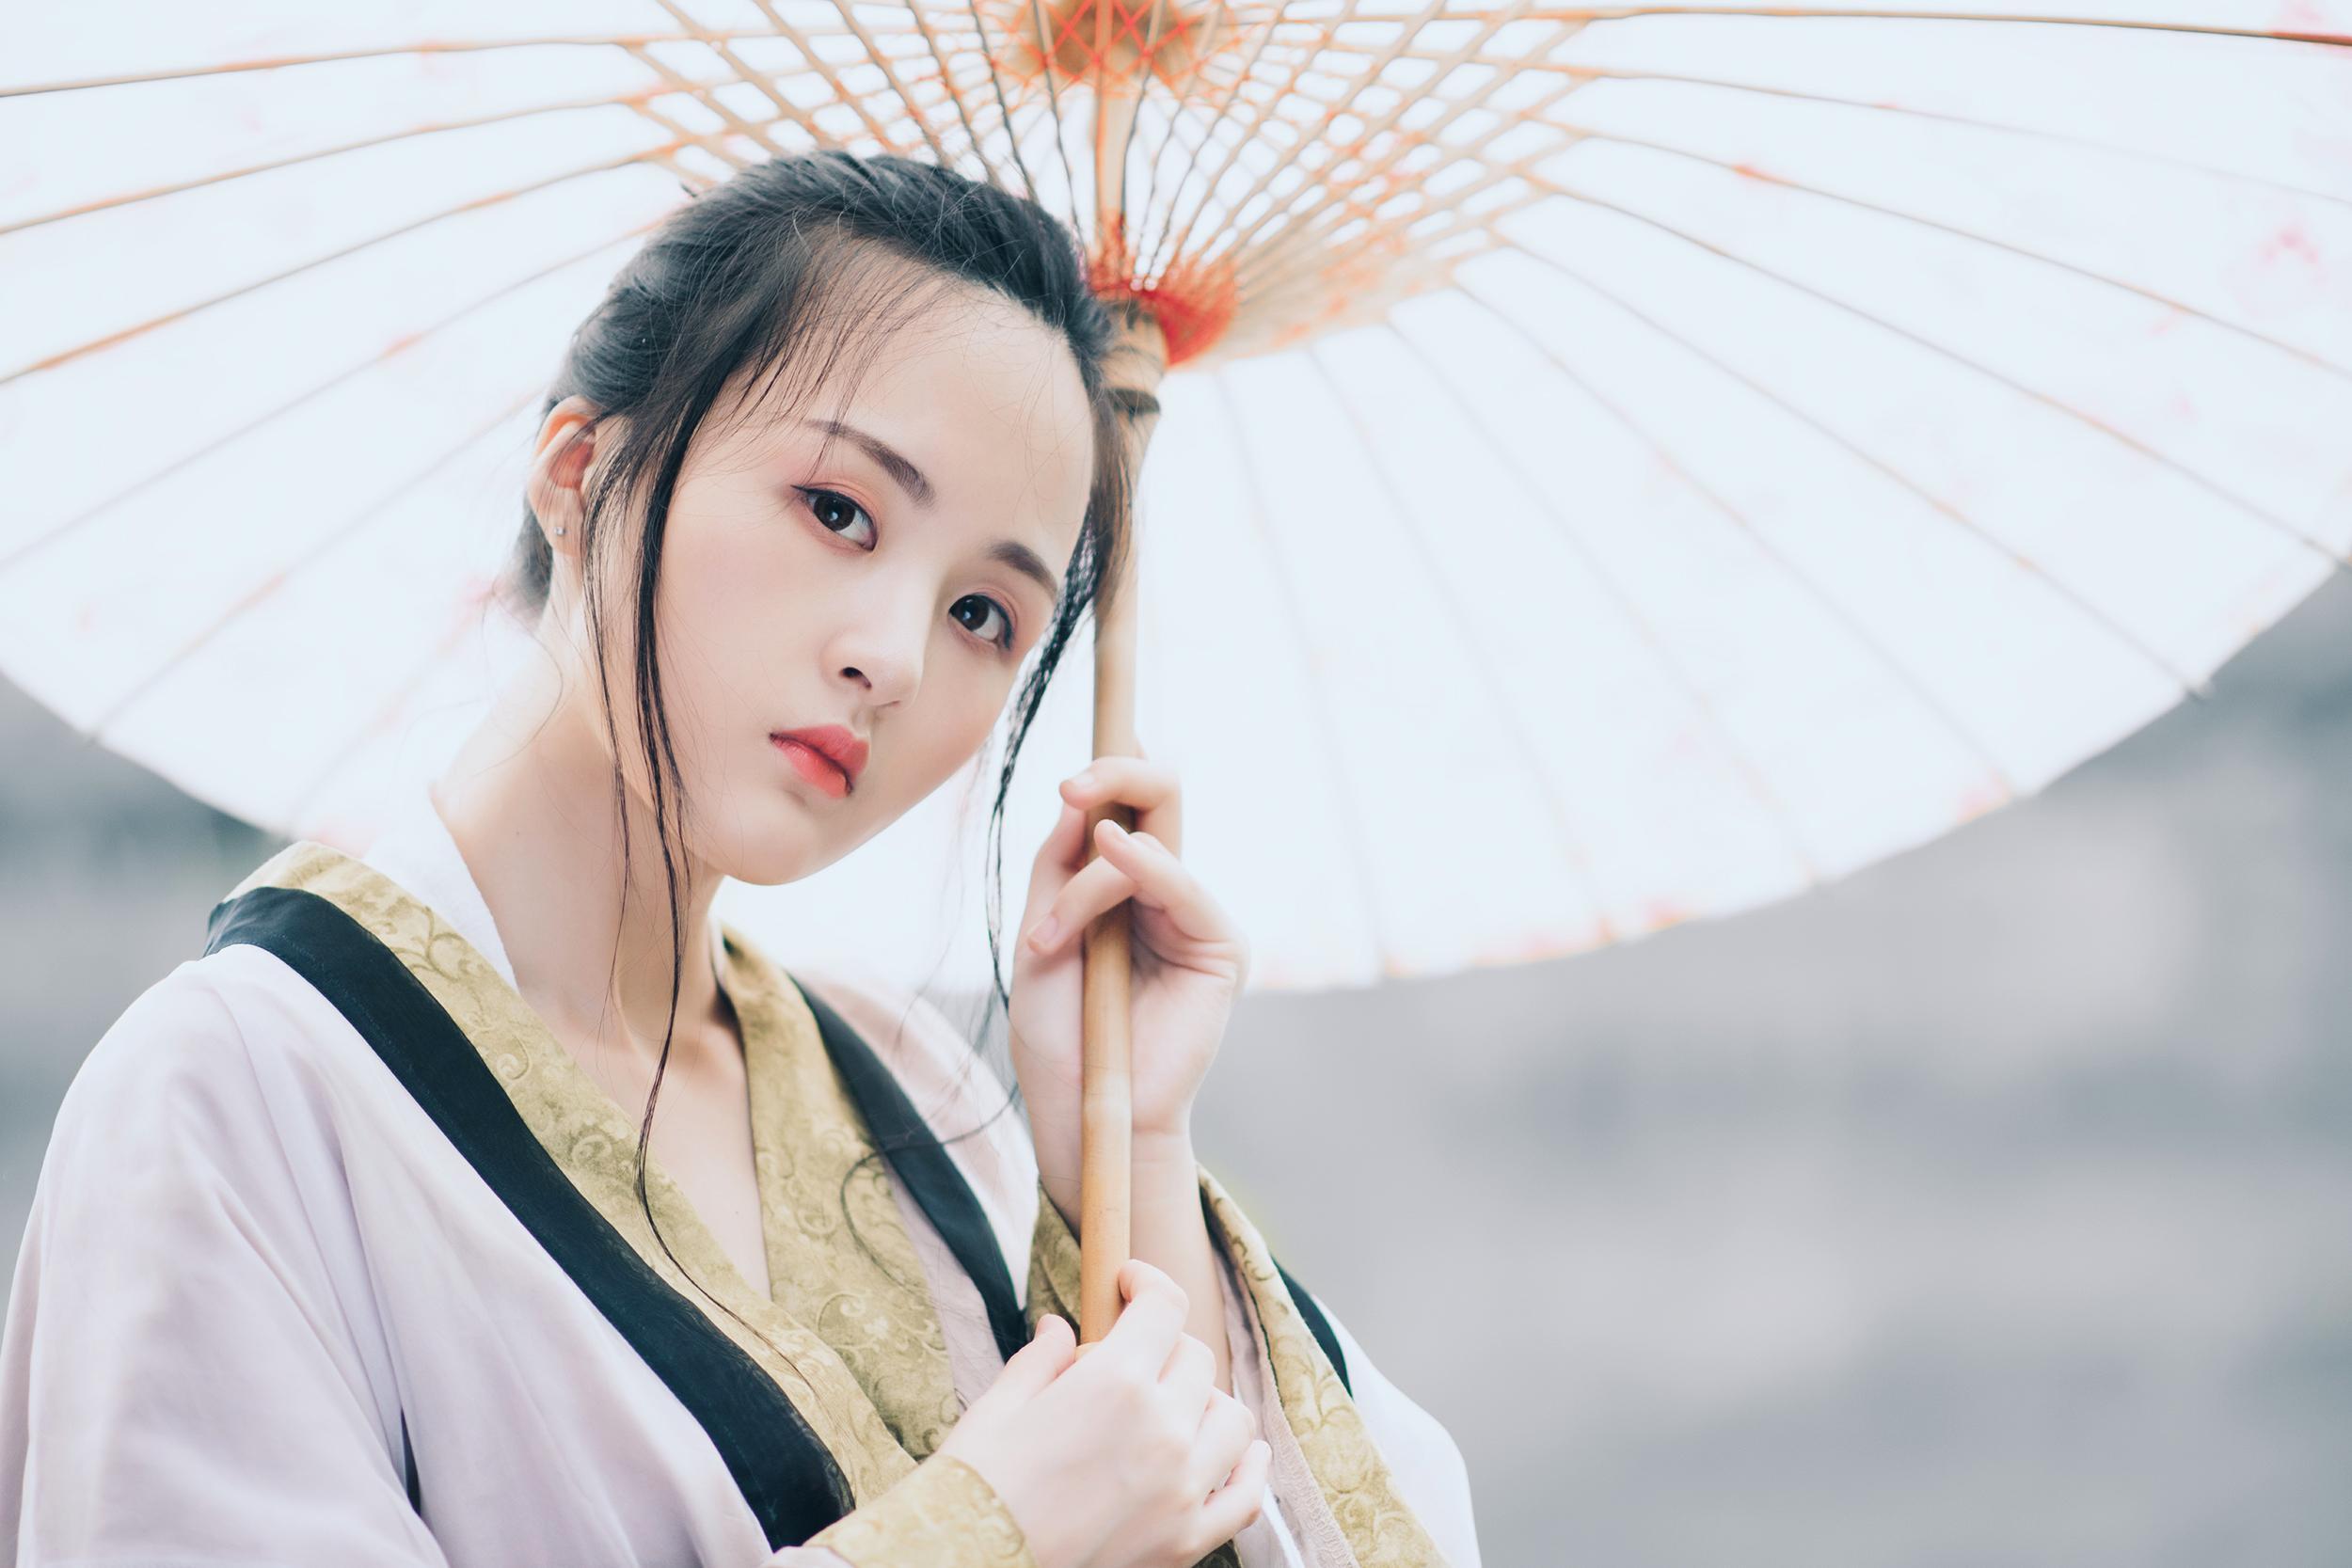 【人像摄影】油纸伞下的相思之苦  -  水墨凝烟  -  花仙子的博客.